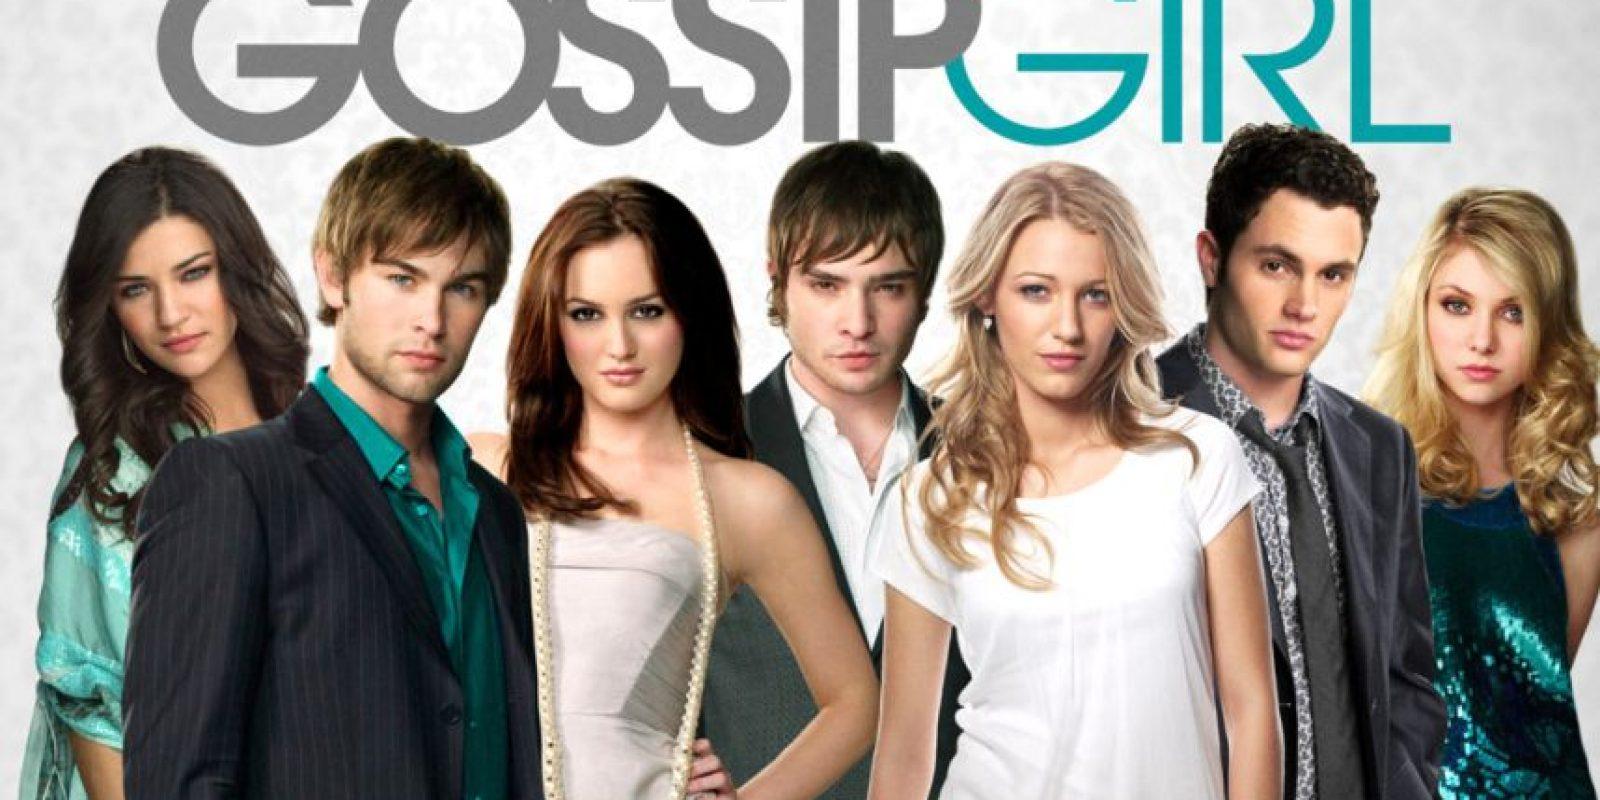 """""""Gossip Girl"""" fue el programa estrella adolescente de la década pasada que combinaba moda, clase alta e intrigas sociales. Foto:vía The CW"""